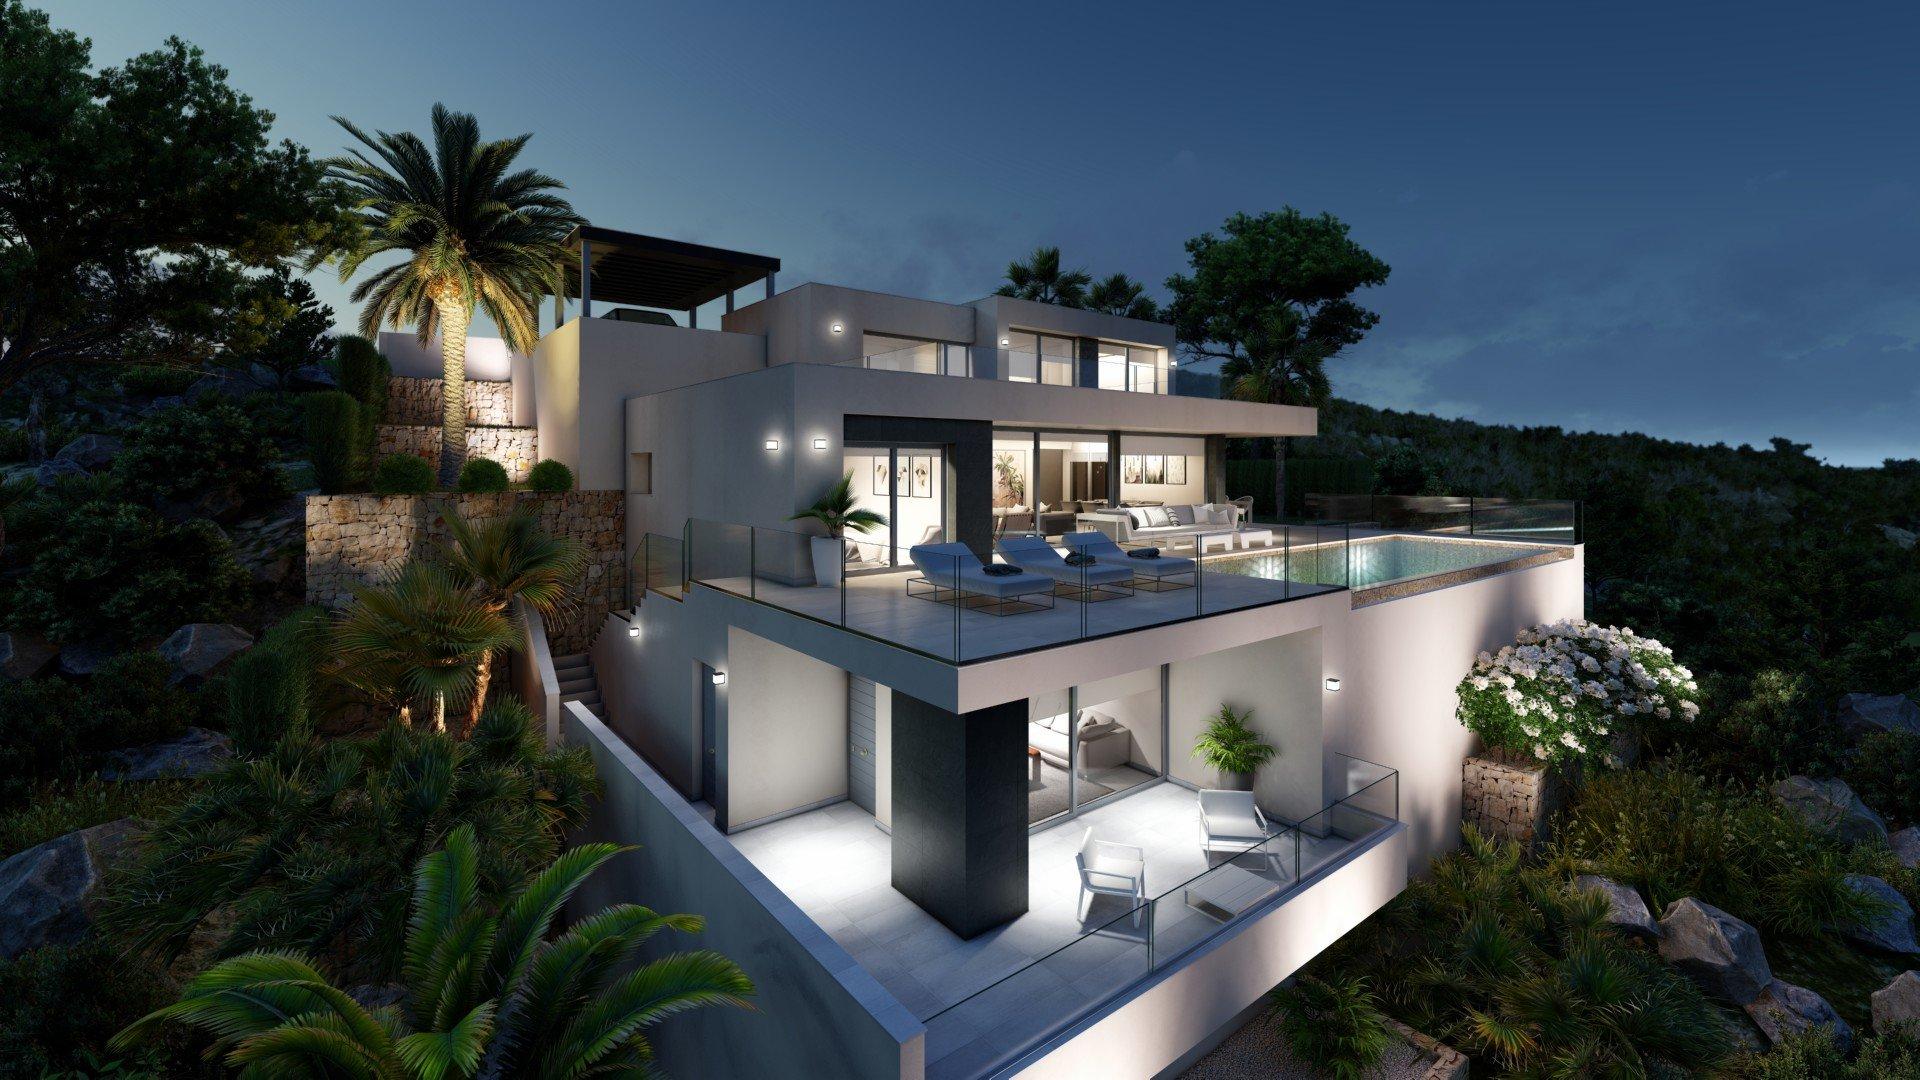 Villa moderne de luxe avec vue panoramique sur la mer